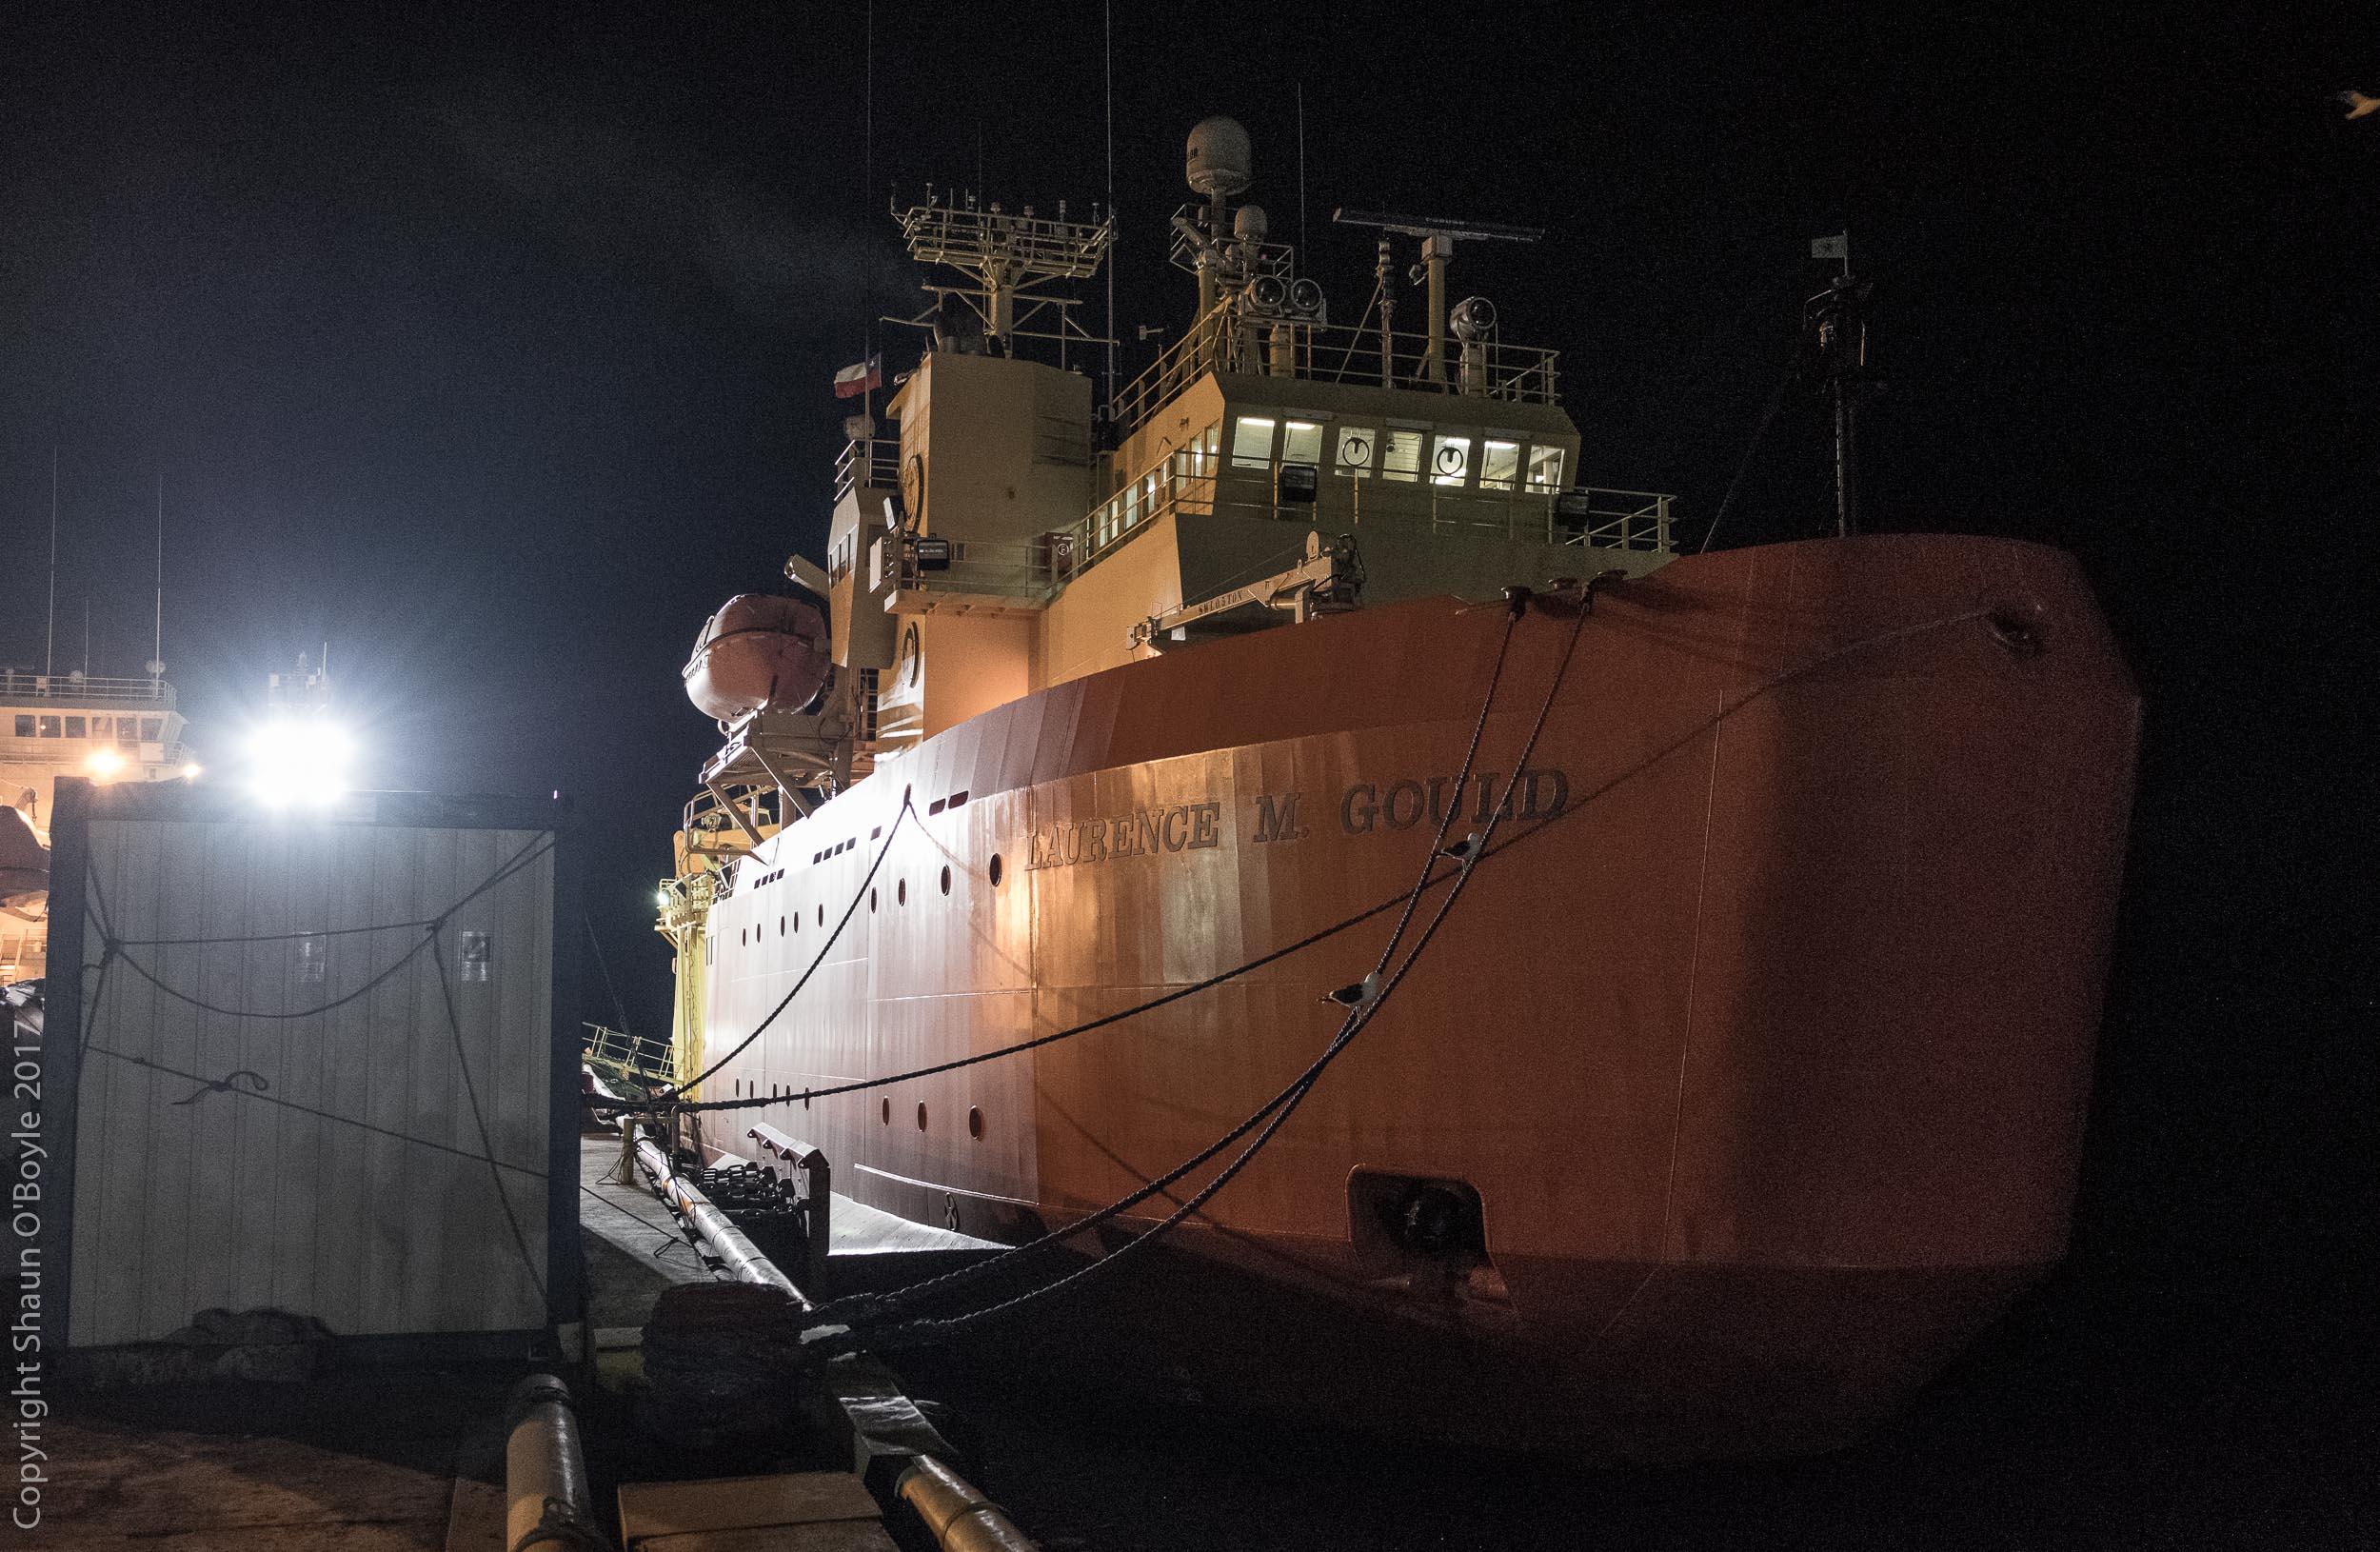 LMG at berth in Punta Arenas the night before we embarked for Antarctica